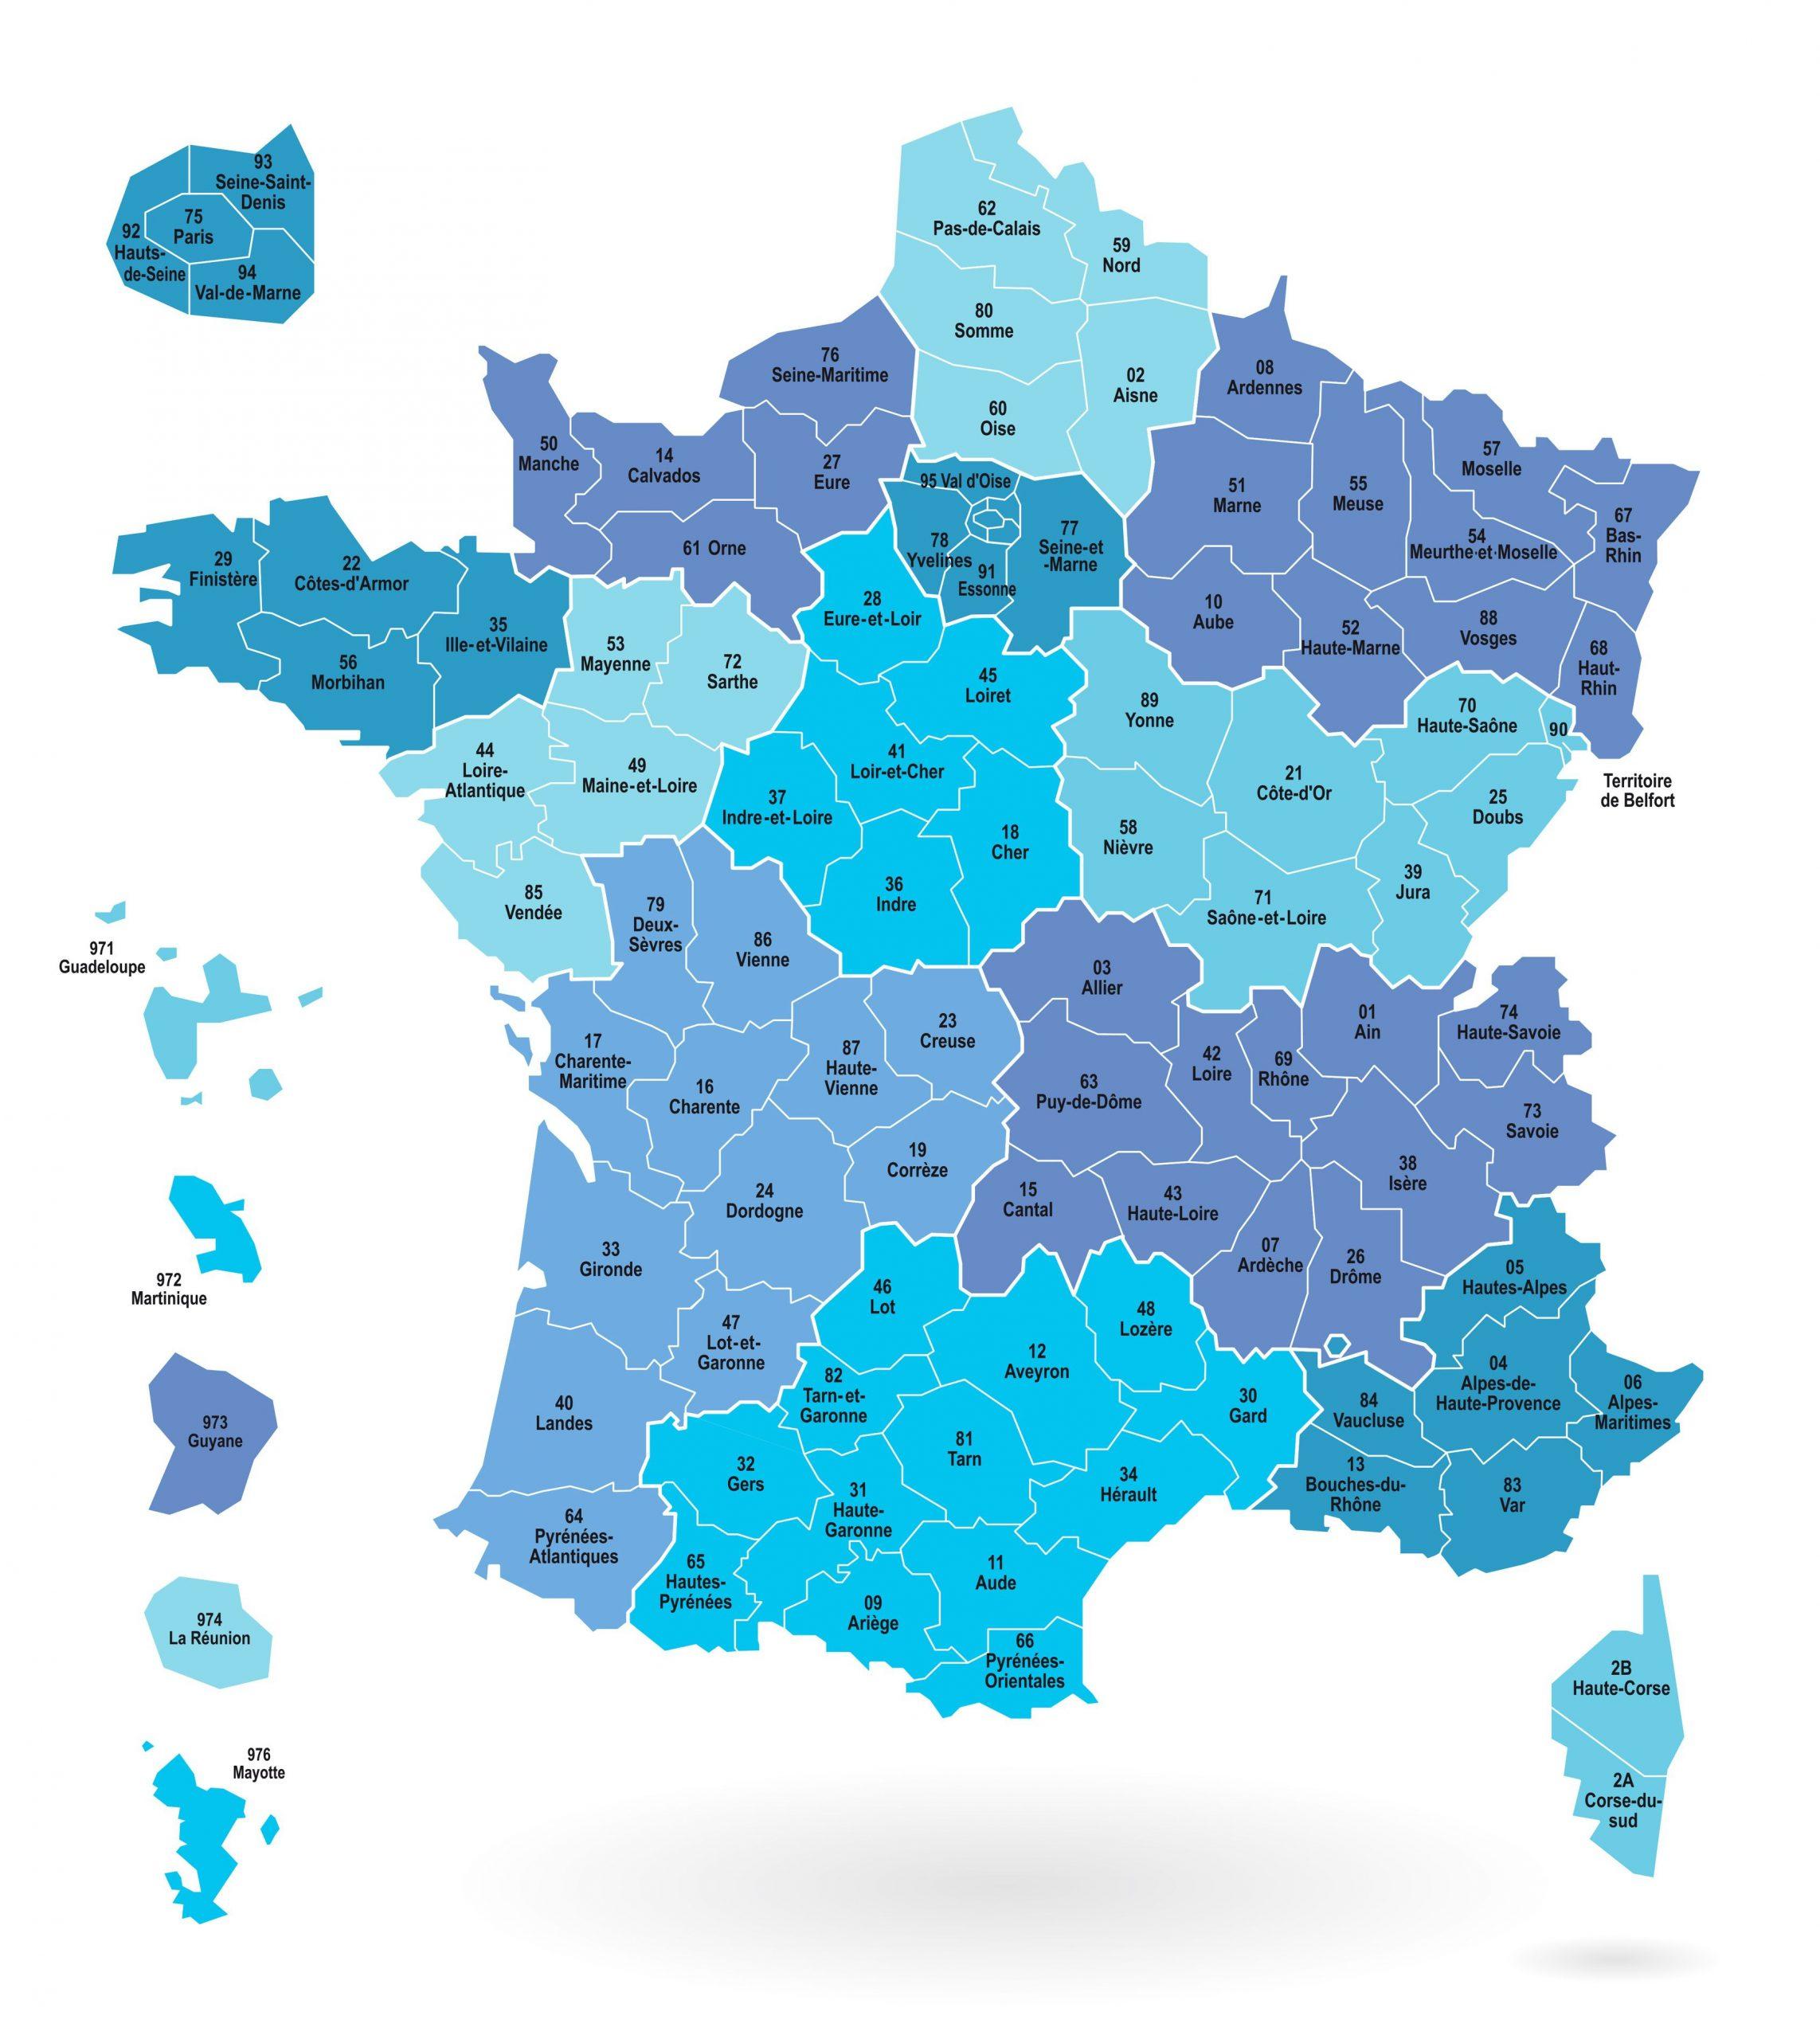 Numéros Et Départements De France Métropolitaine dedans Les Numéros Des Départements